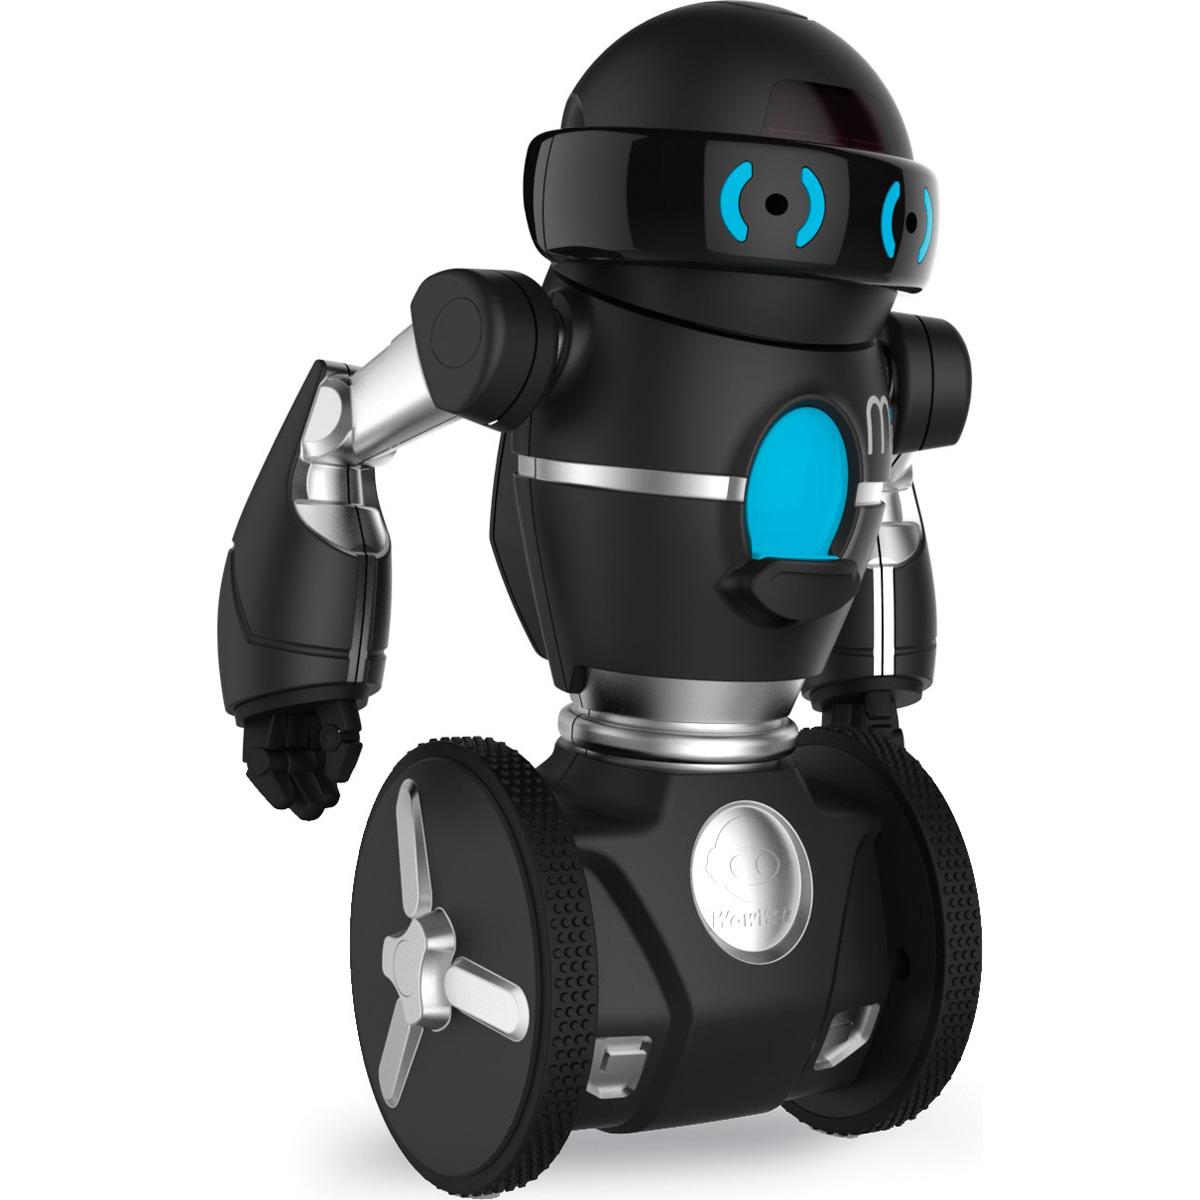 WowWee MiP - Self-Balancing Robot